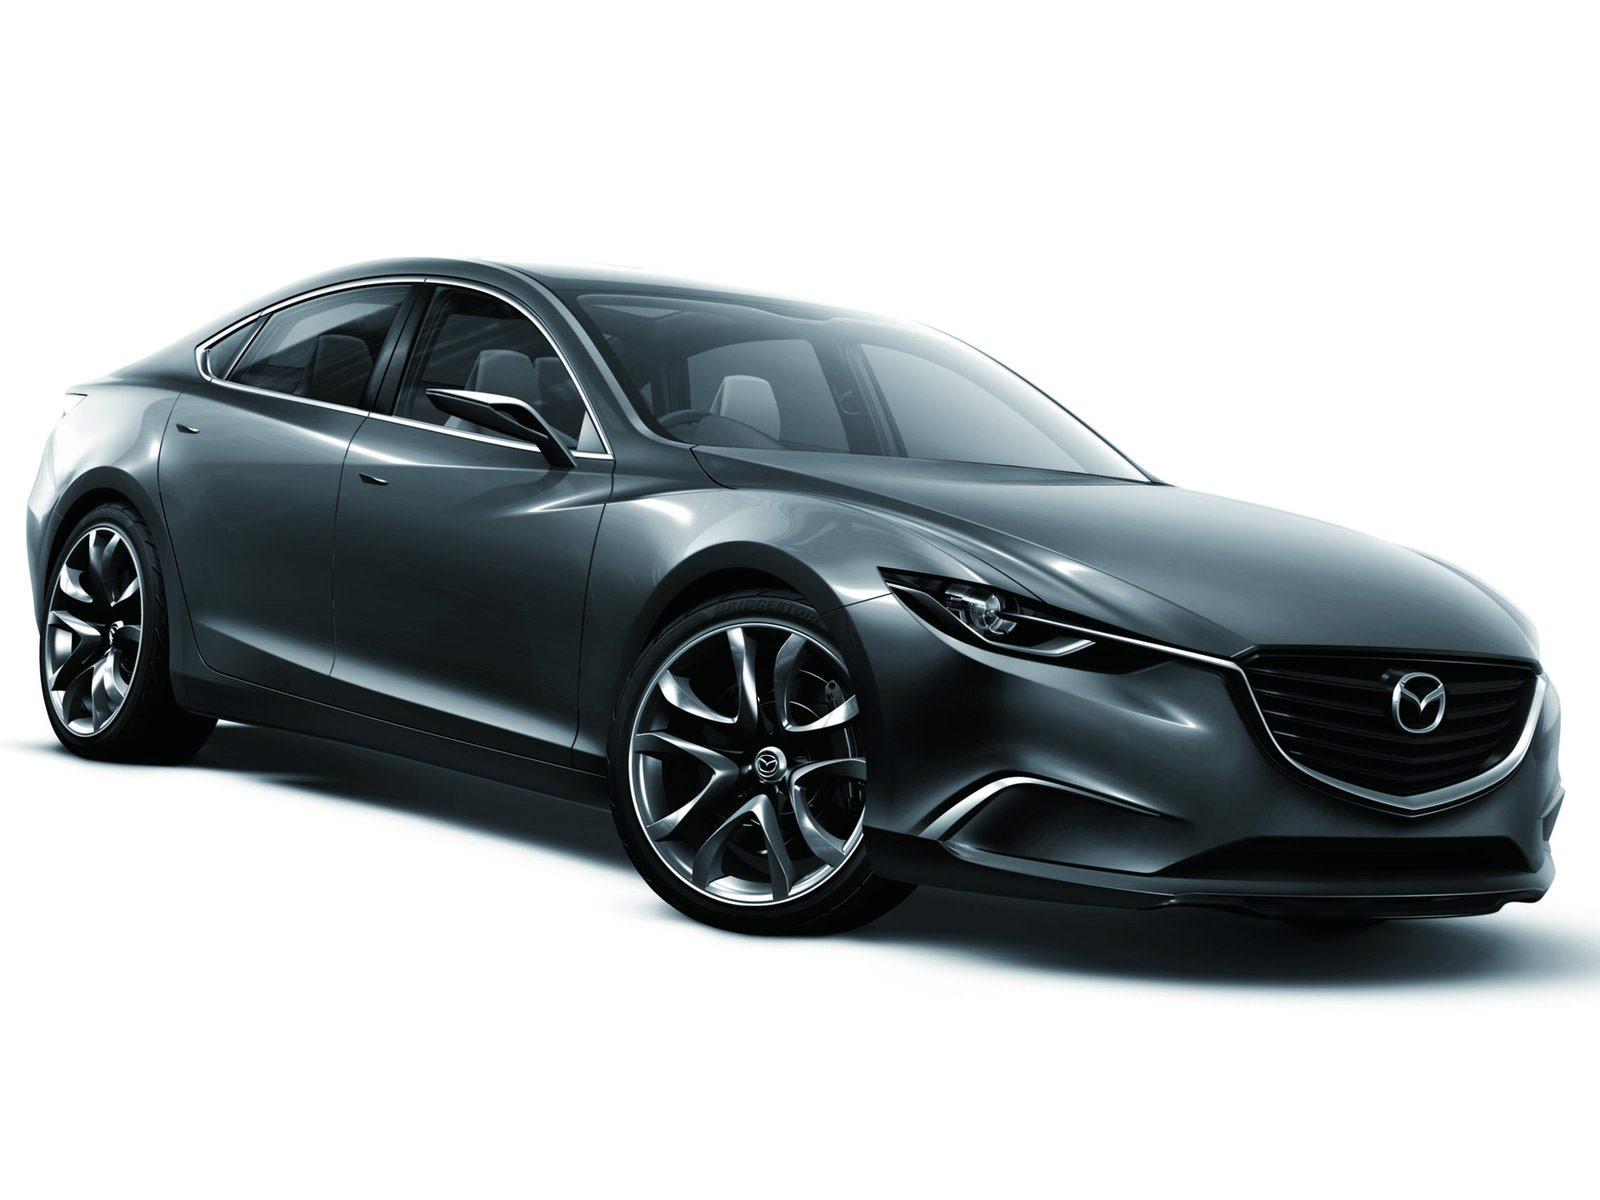 http://1.bp.blogspot.com/-4bKMRH_BHas/Tq3u-cGb-kI/AAAAAAAAHFA/DK2fRXHcTSU/s1600/2011_Mazda_Takeri_Concept_japanese-car-wallpapers_2.jpg